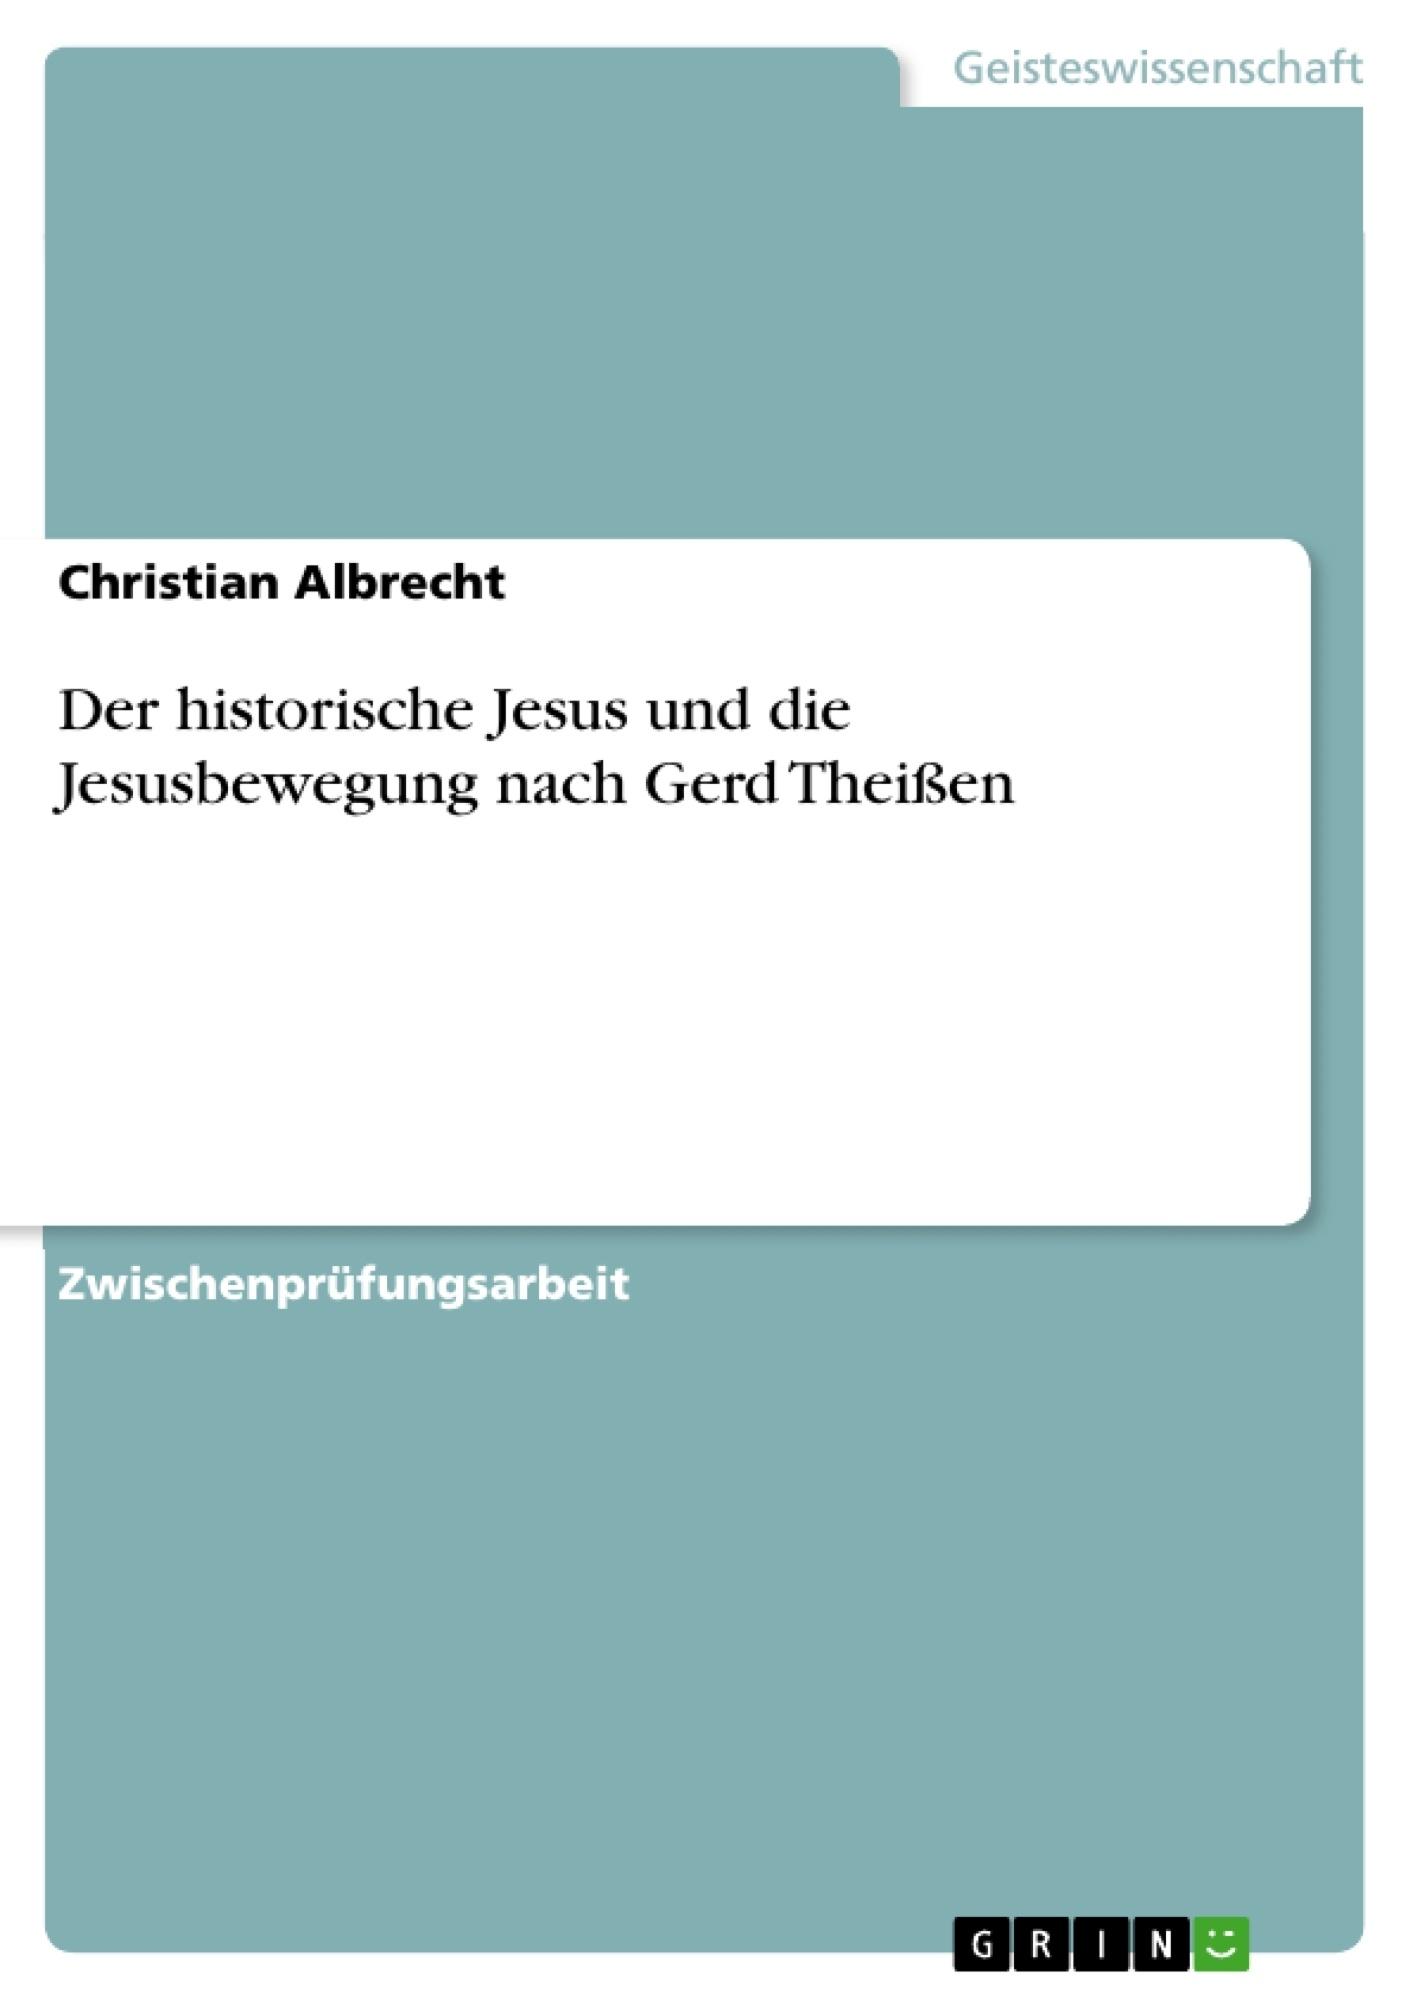 Titel: Der historische Jesus und die Jesusbewegung nach Gerd Theißen